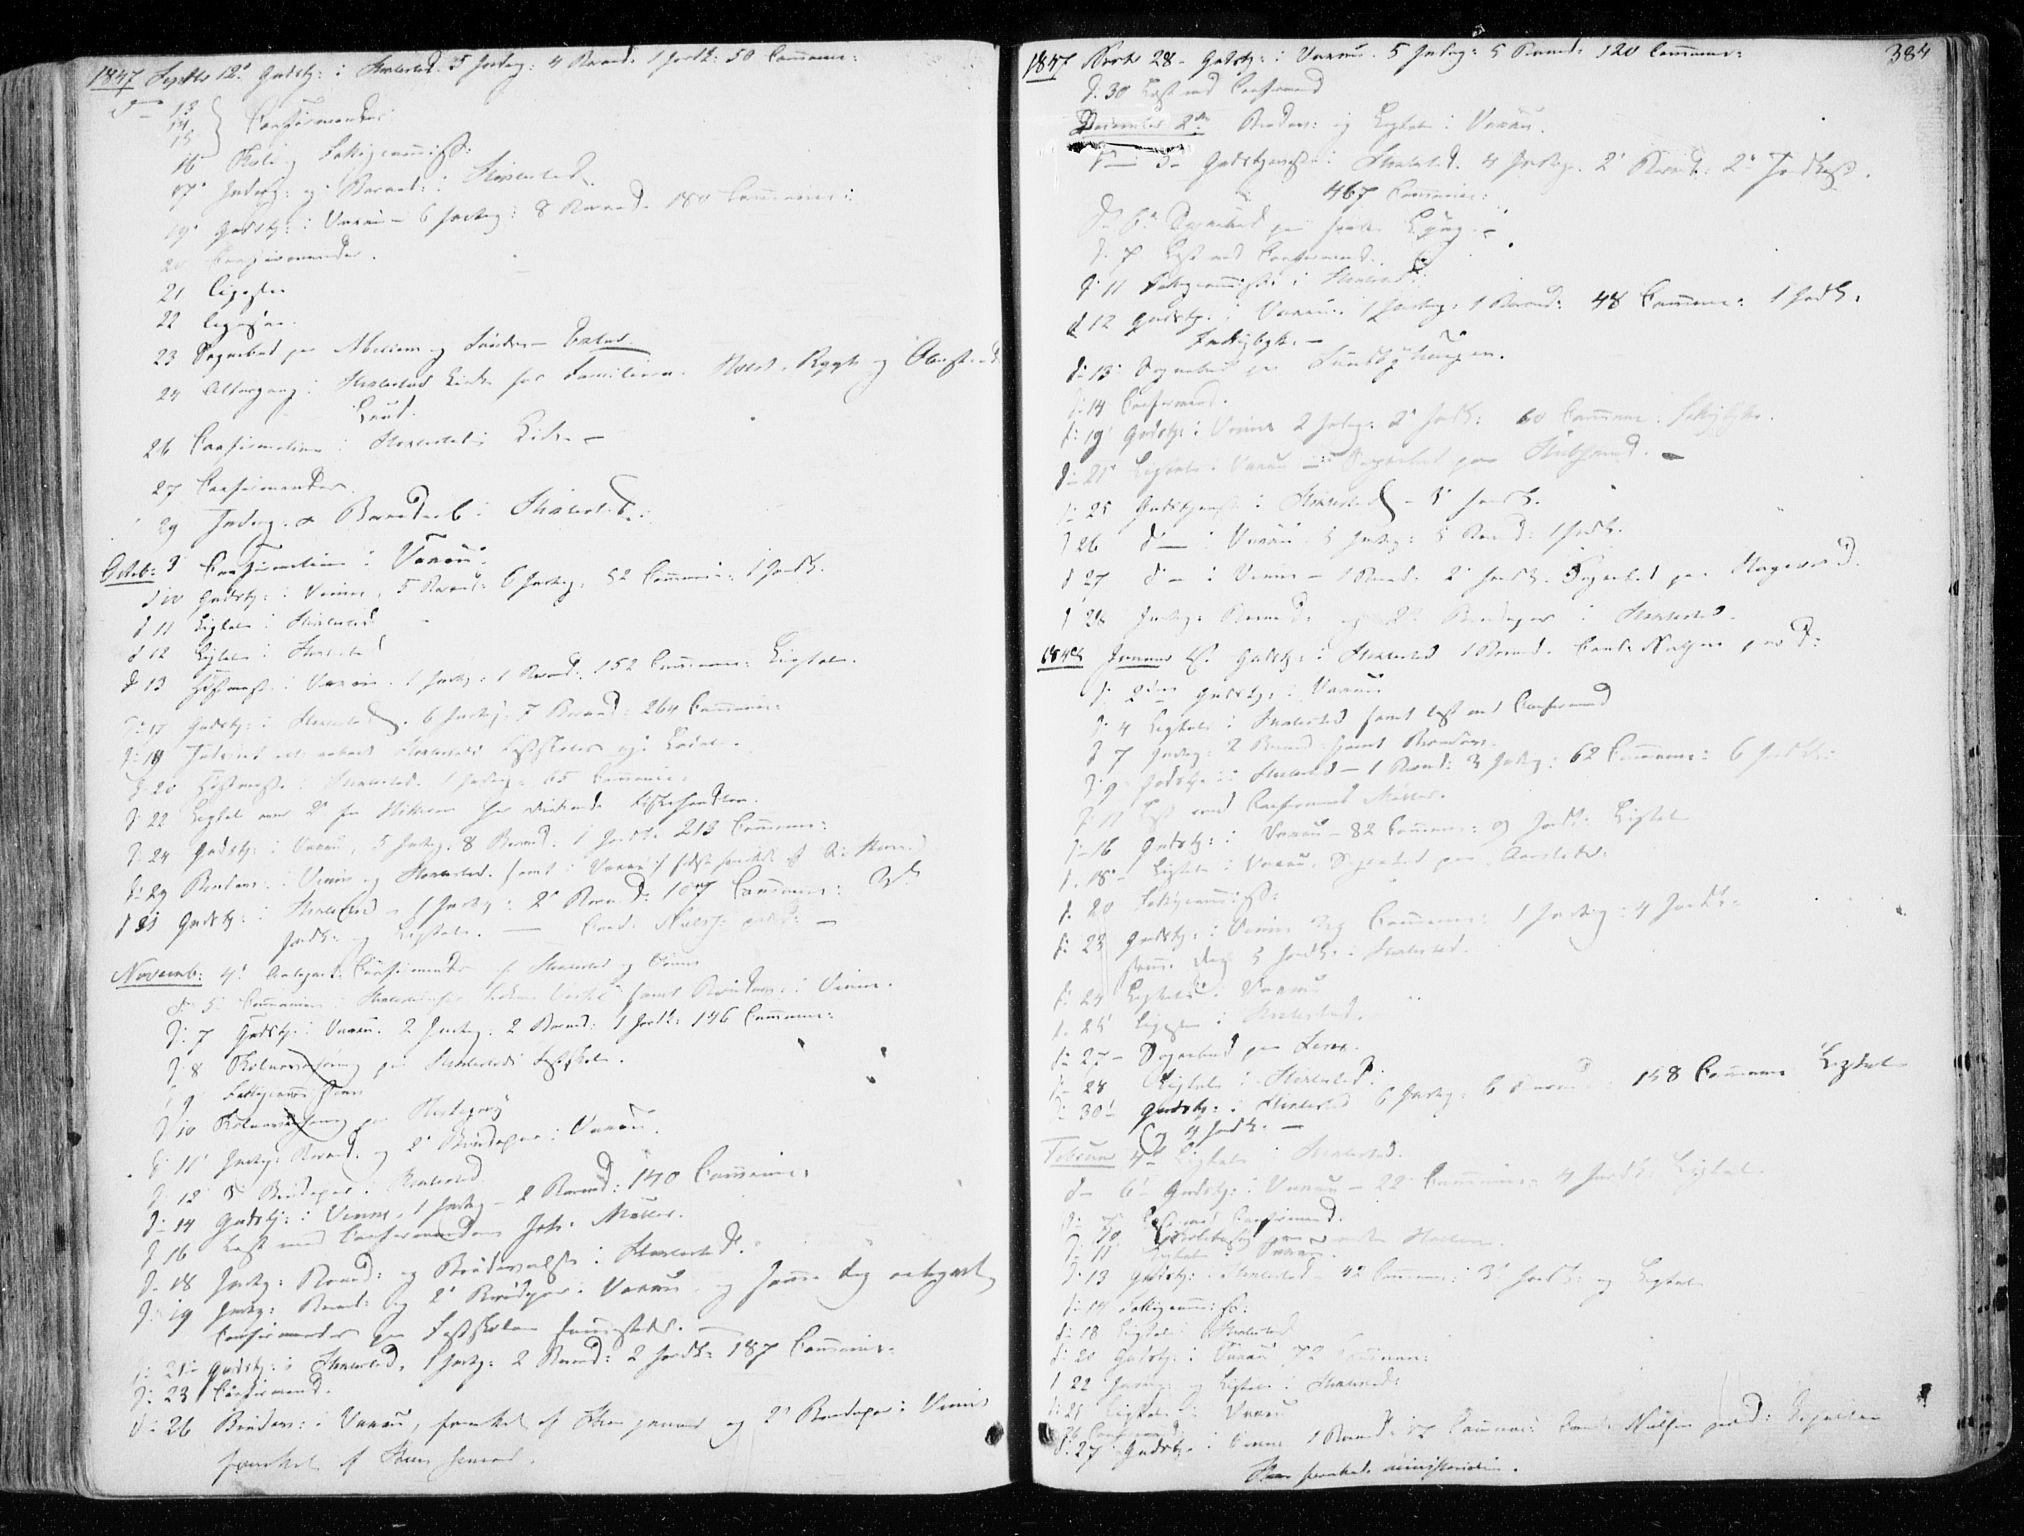 SAT, Ministerialprotokoller, klokkerbøker og fødselsregistre - Nord-Trøndelag, 723/L0239: Ministerialbok nr. 723A08, 1841-1851, s. 384